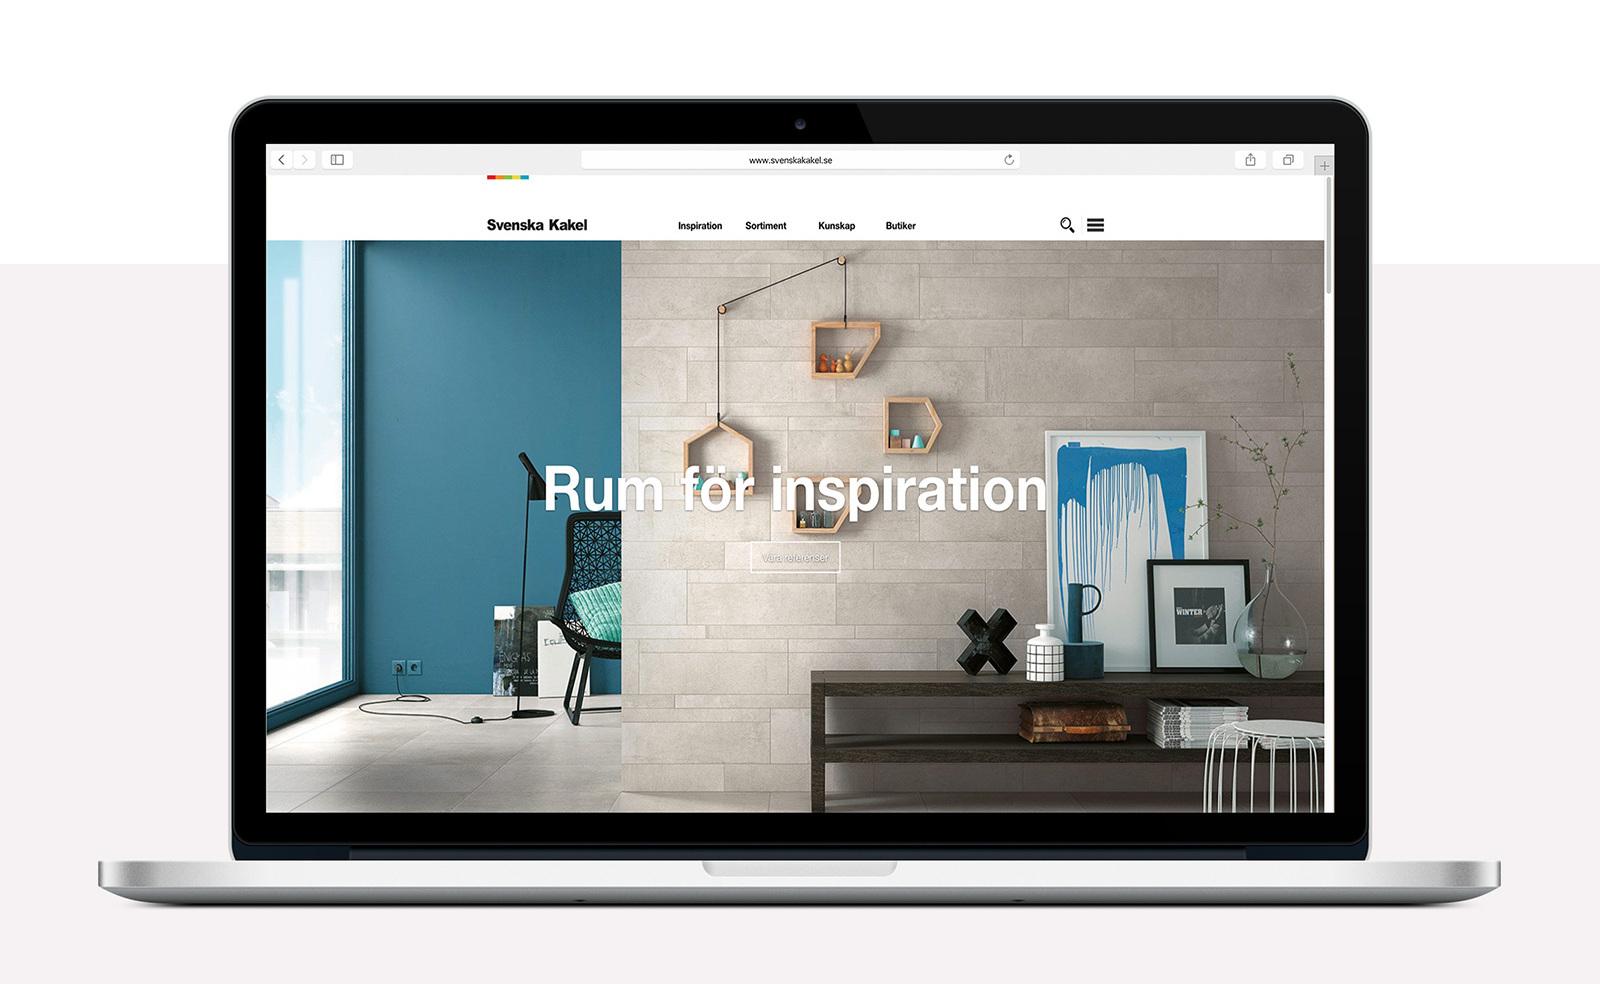 Svenska Kakel webbplats förstasida i Macbook Pro